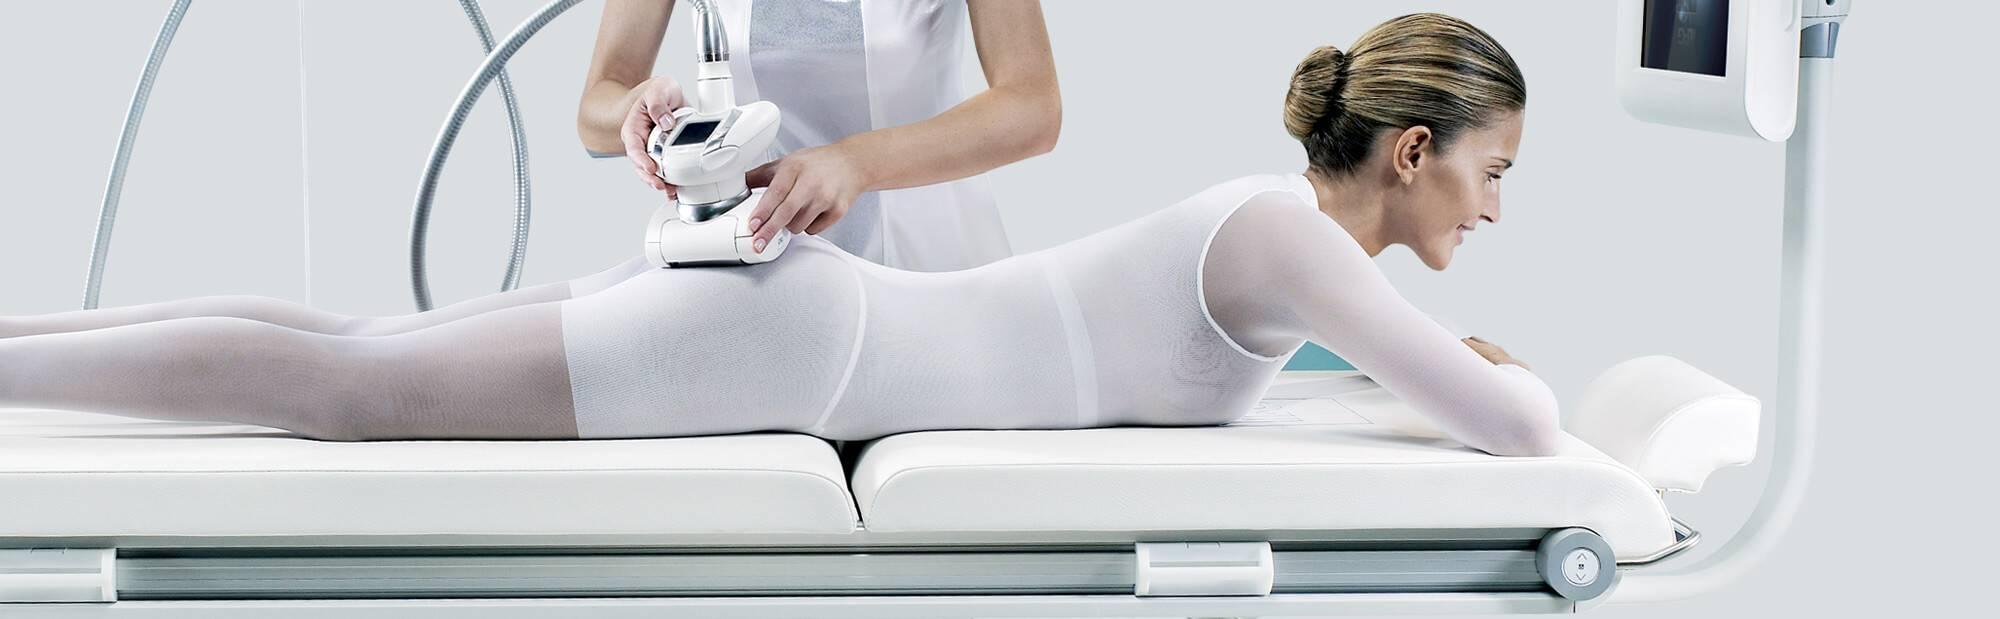 Можно ли делать антицеллюлитный массаж при месячных?